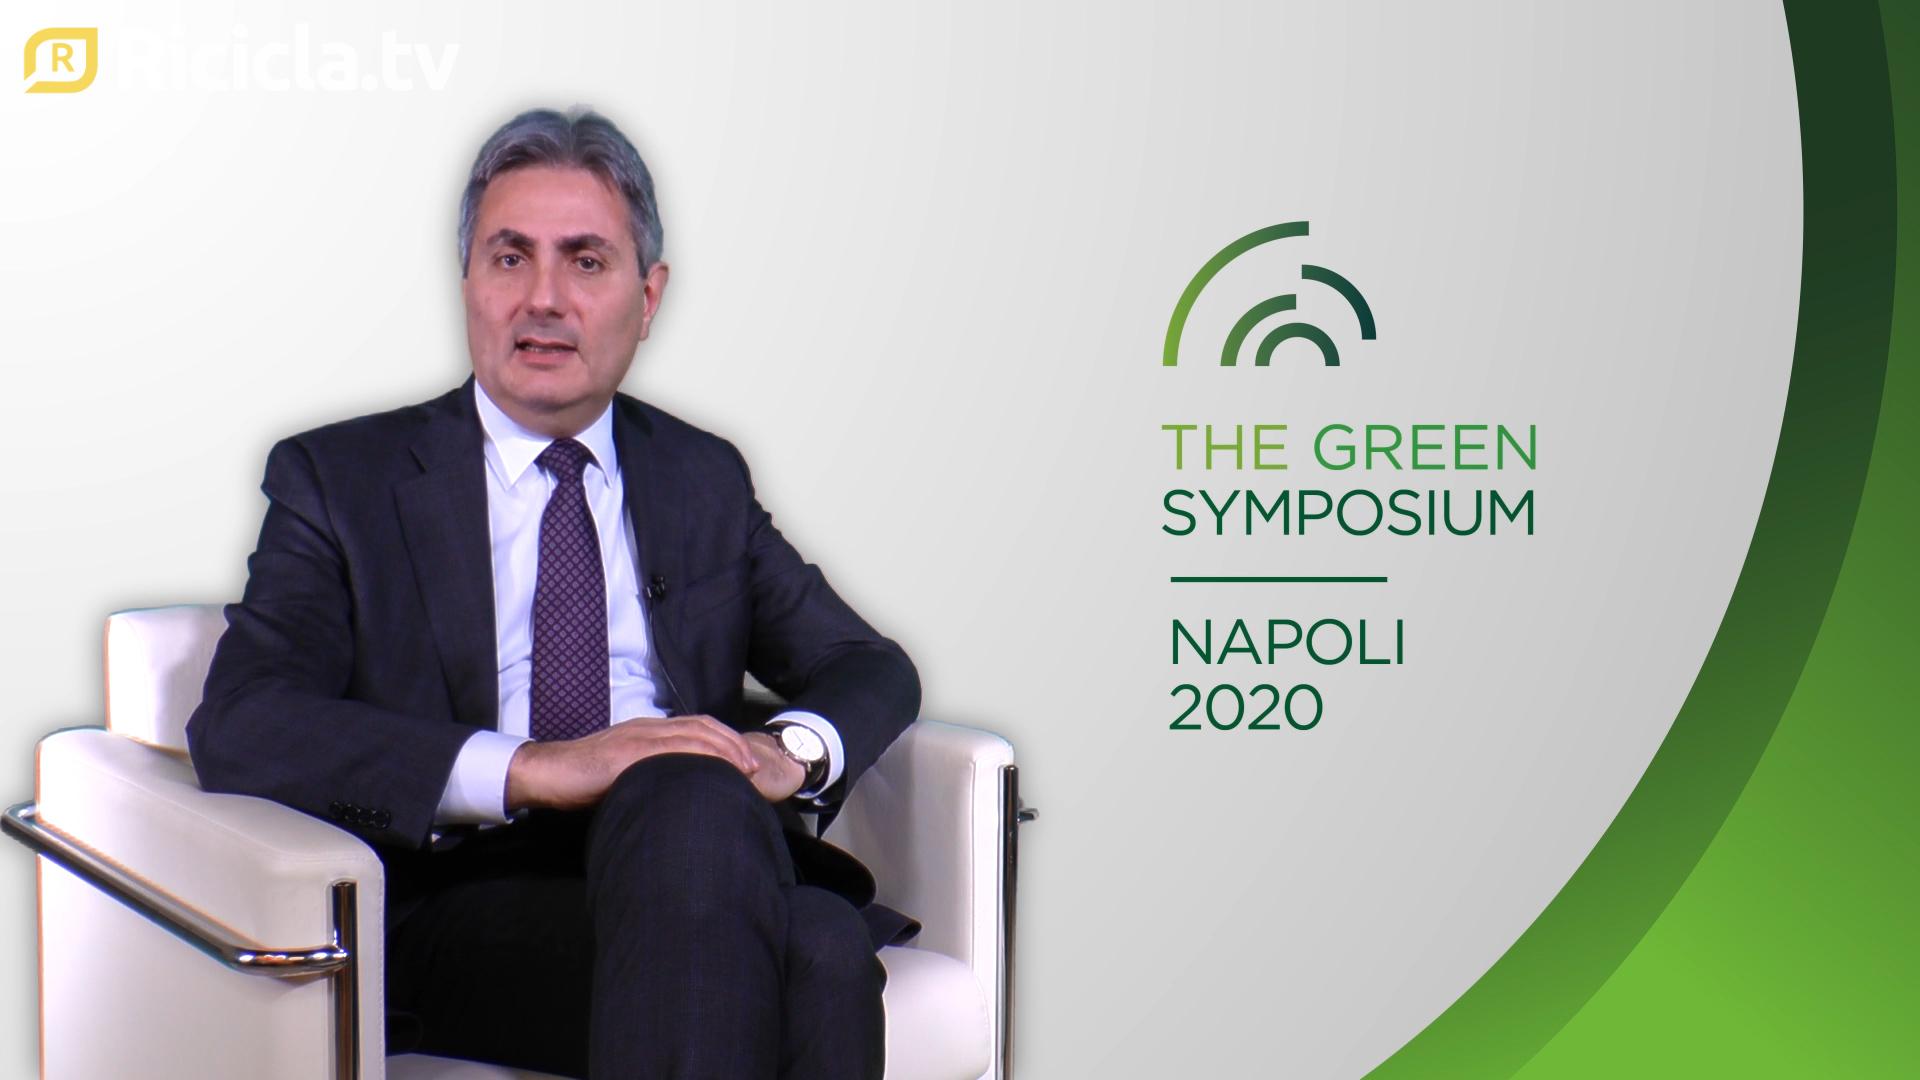 TUTTO PRONTO PER IL GREEN SYMPOSIUM